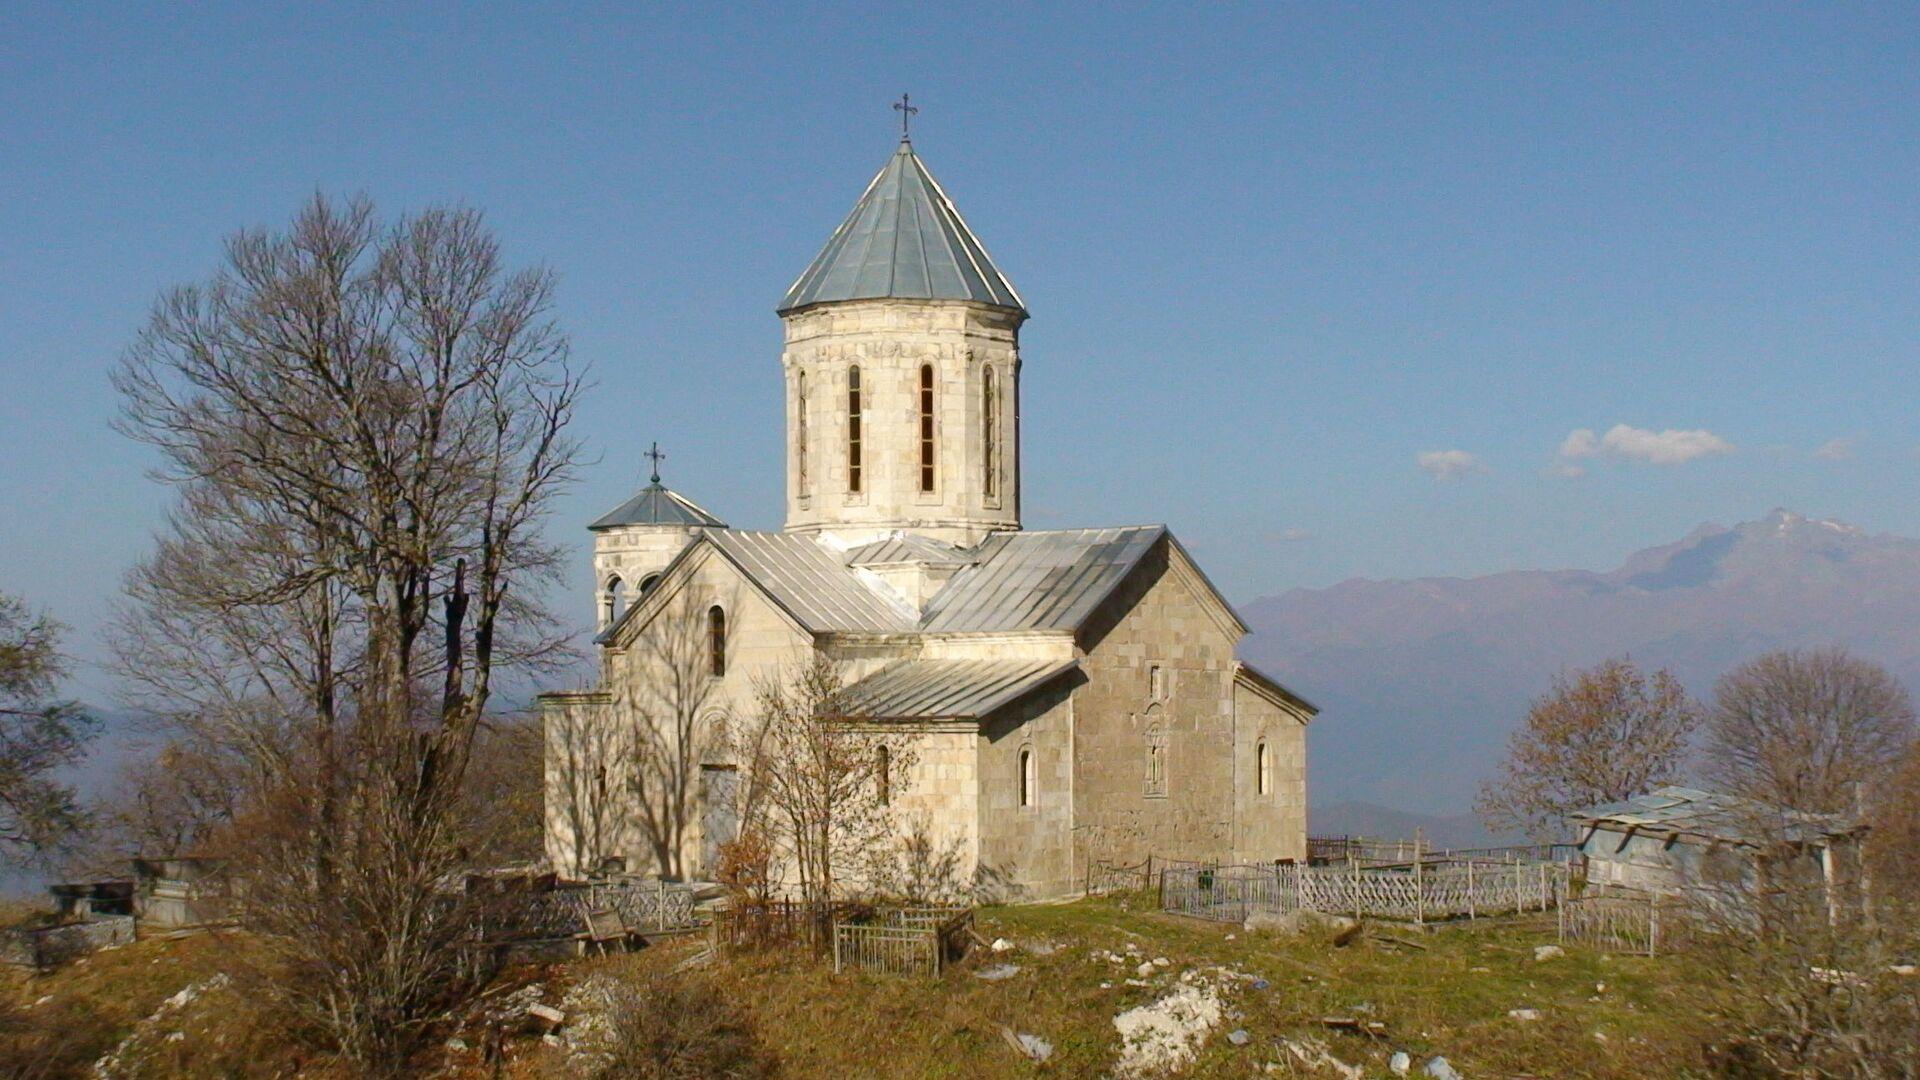 წმინდა გიორგის სახელობის ეკლესია მრავალძალში - Sputnik საქართველო, 1920, 12.10.2021